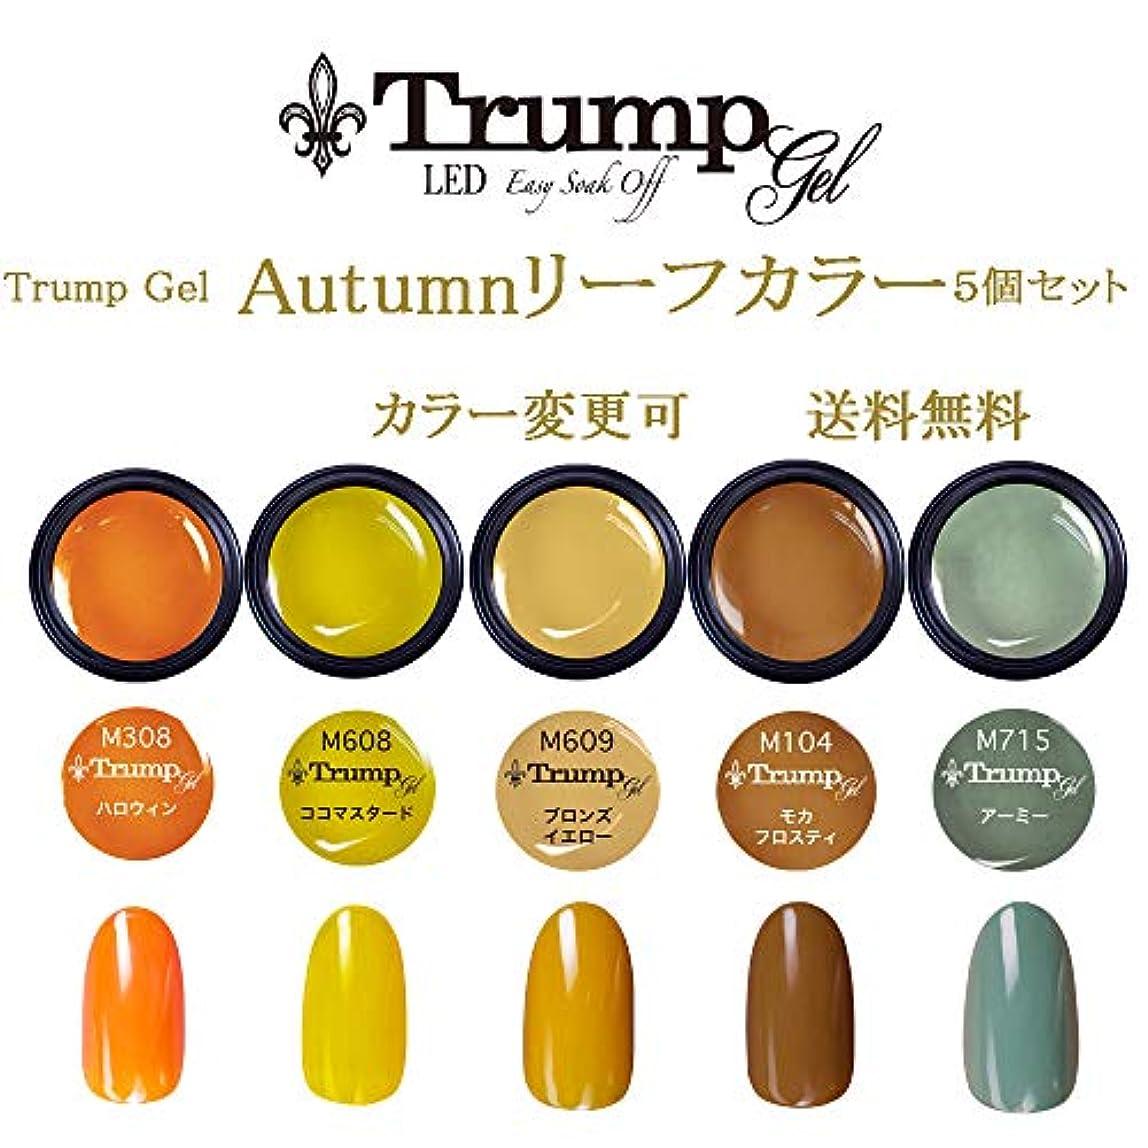 ぞっとするような落ち込んでいる昆虫【送料無料】日本製 Trump gel トランプジェル オータムリーフカラー 選べる カラージェル 5個セット オータムネイル ベージュ ブラウン マスタード カラー